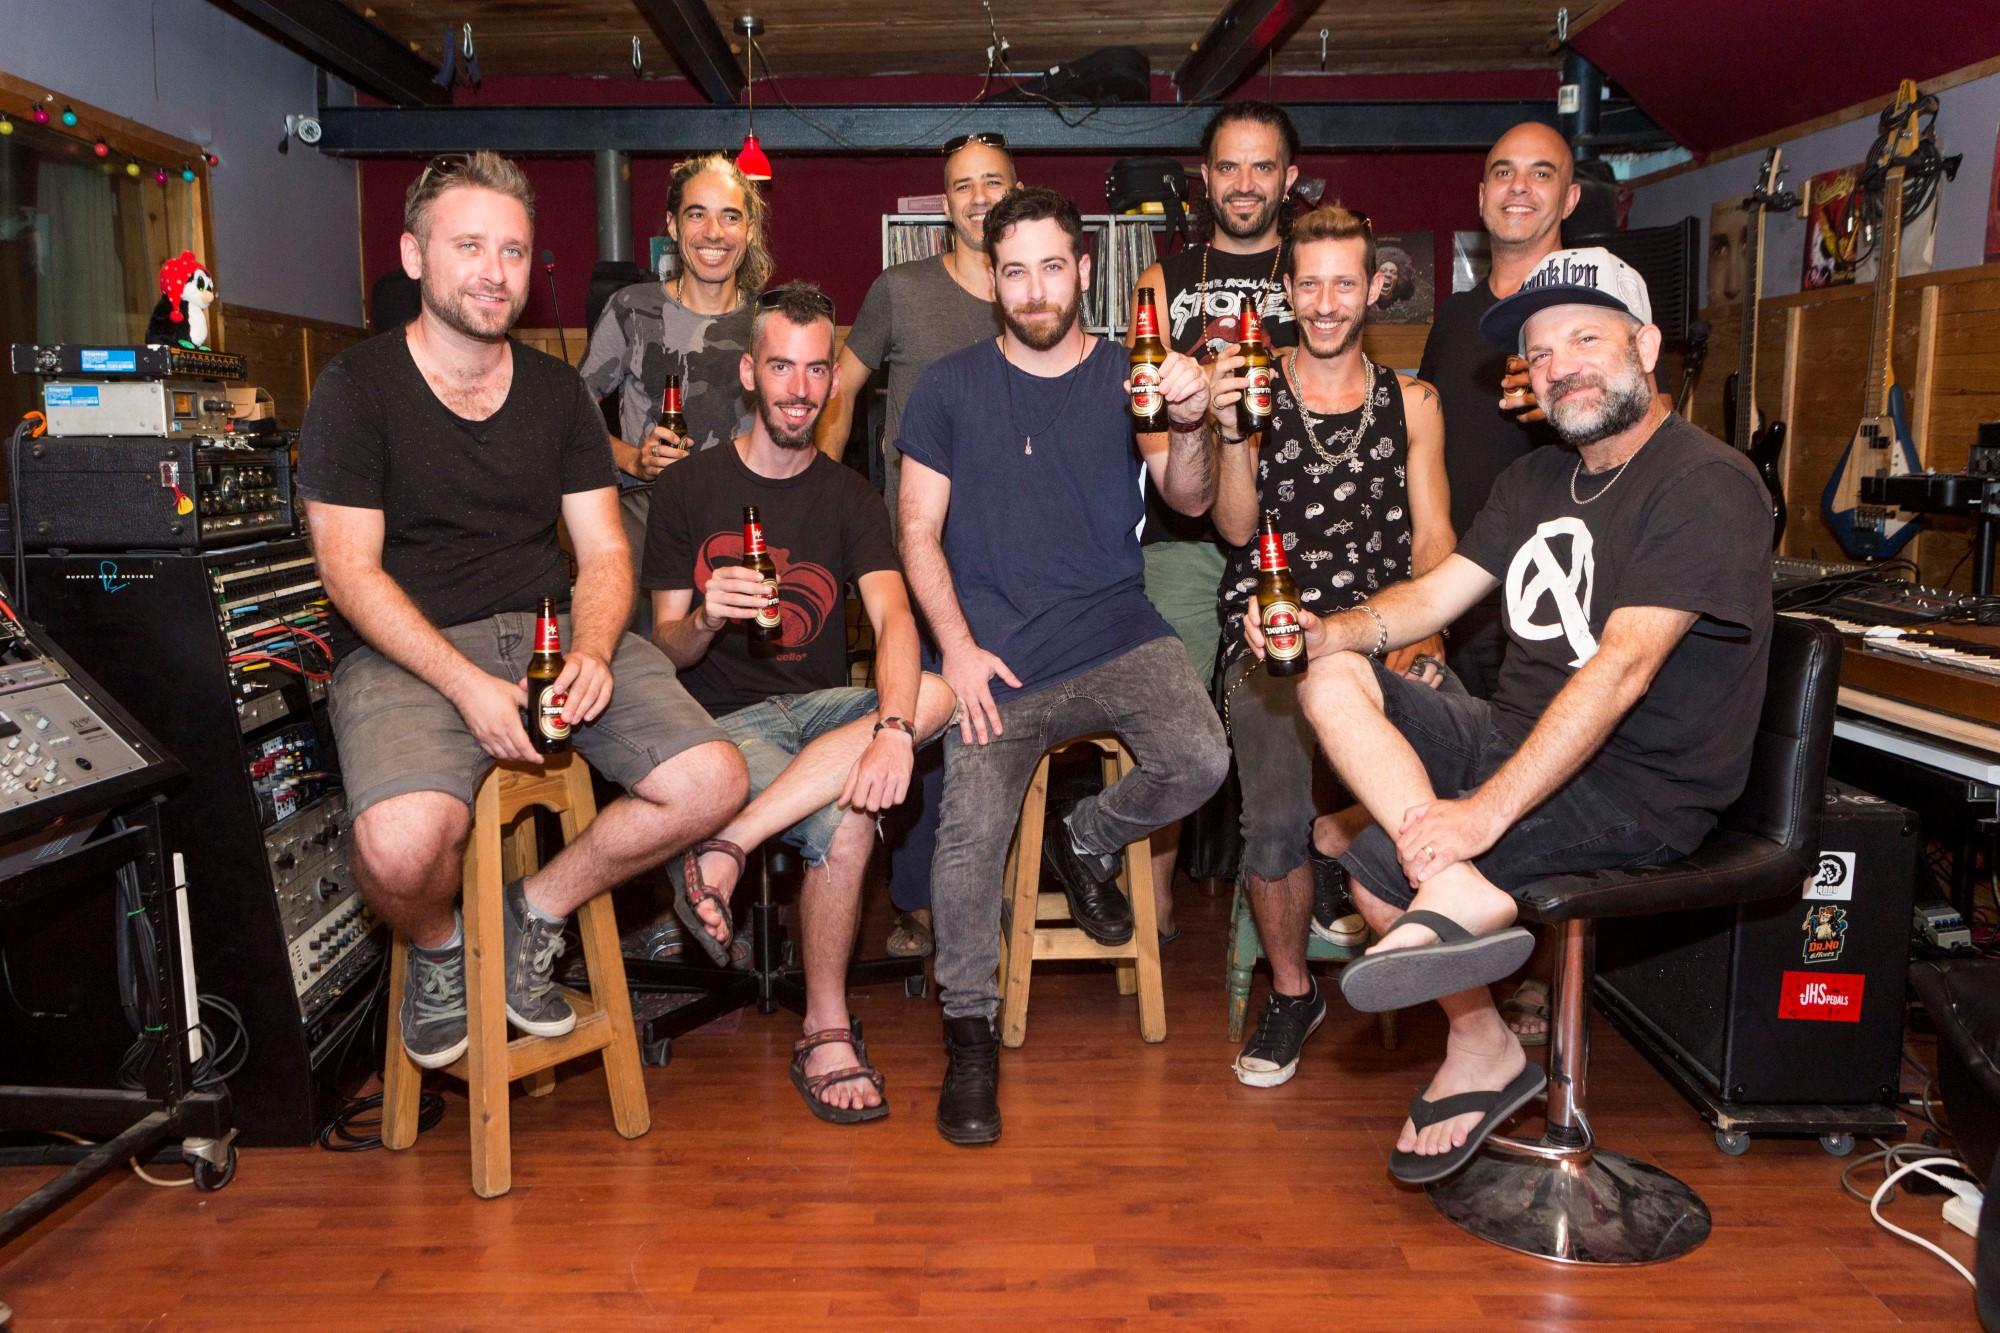 להקת הדג נחש ולהקת רנדום דוגס. תמונה: ליאור גולדסאד